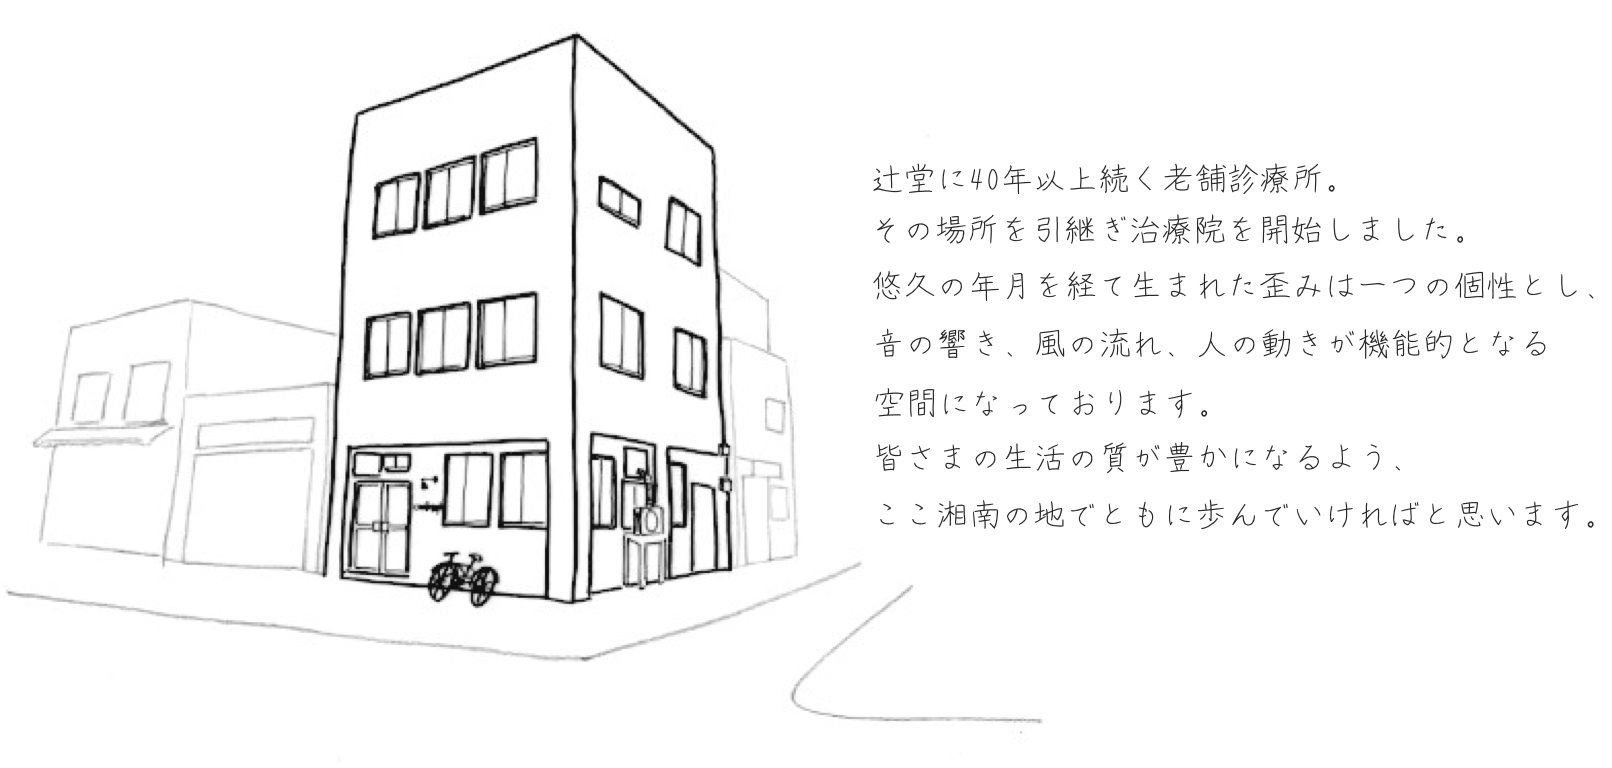 外観イラスト5(コメント)